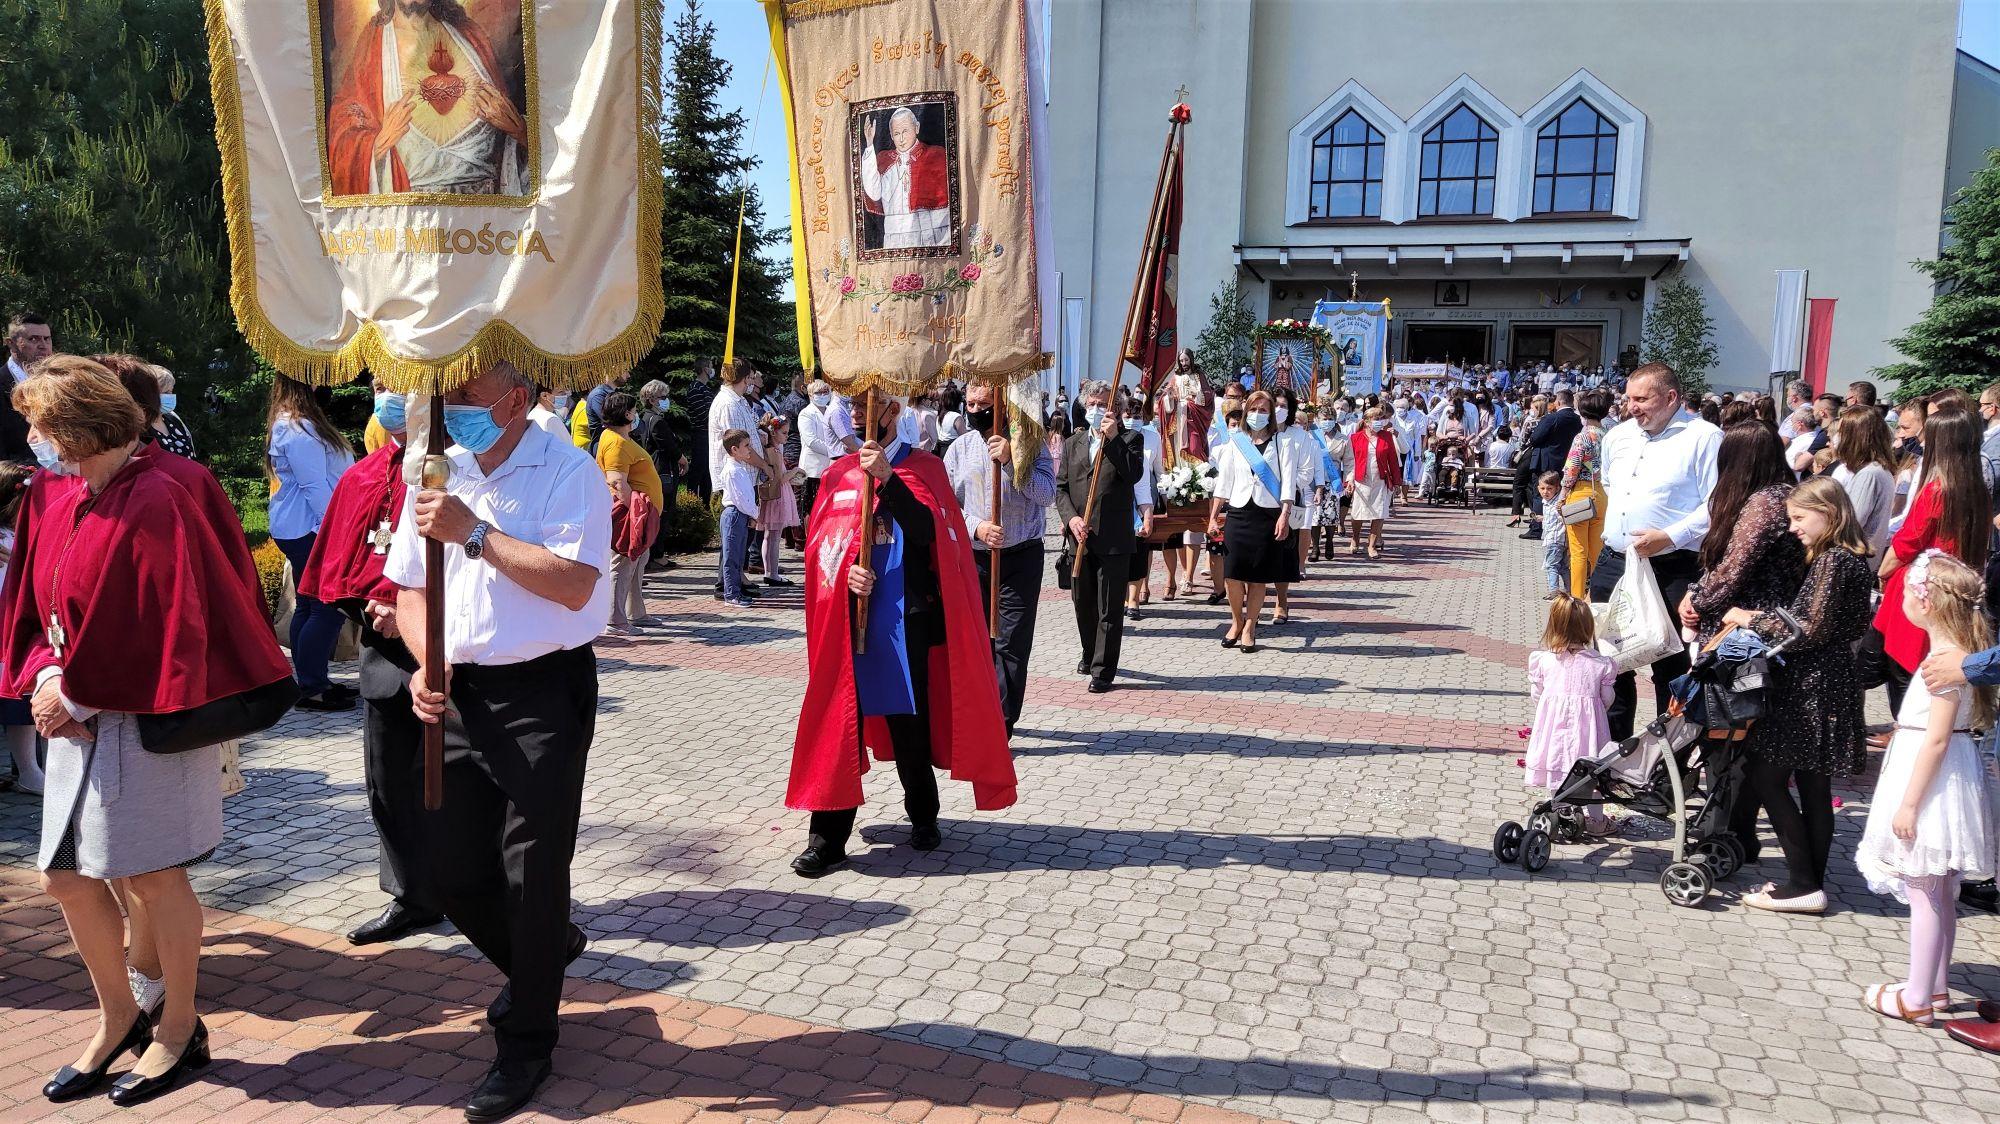 Tysiące wiernych na mieleckich ulicach [ZDJĘCIA, FILM] - Zdjęcie główne